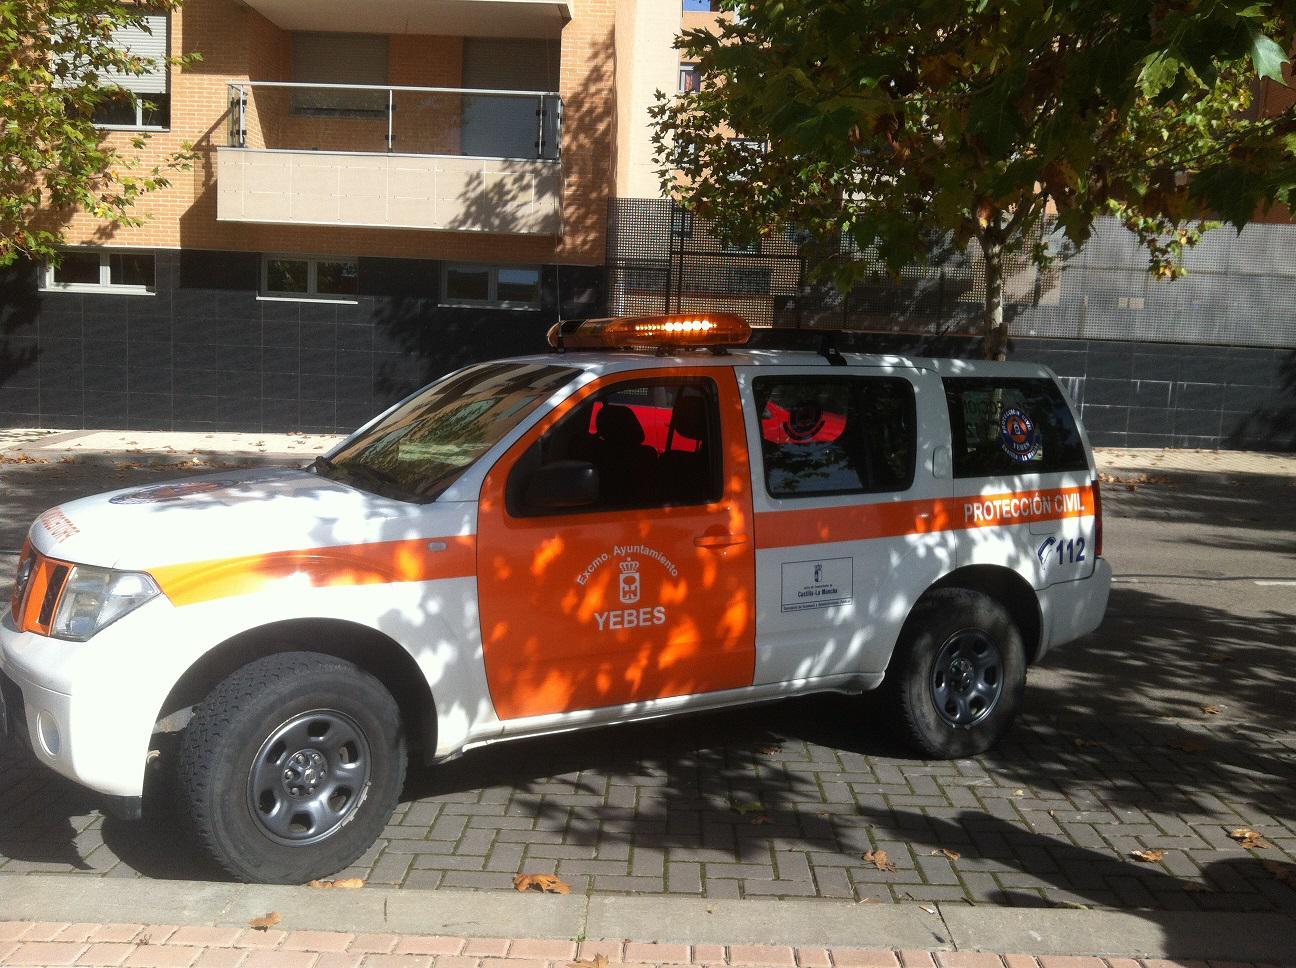 La Agrupación de Protección Civil de Yebes se convierte en una de las mejor equipadas de la provincia